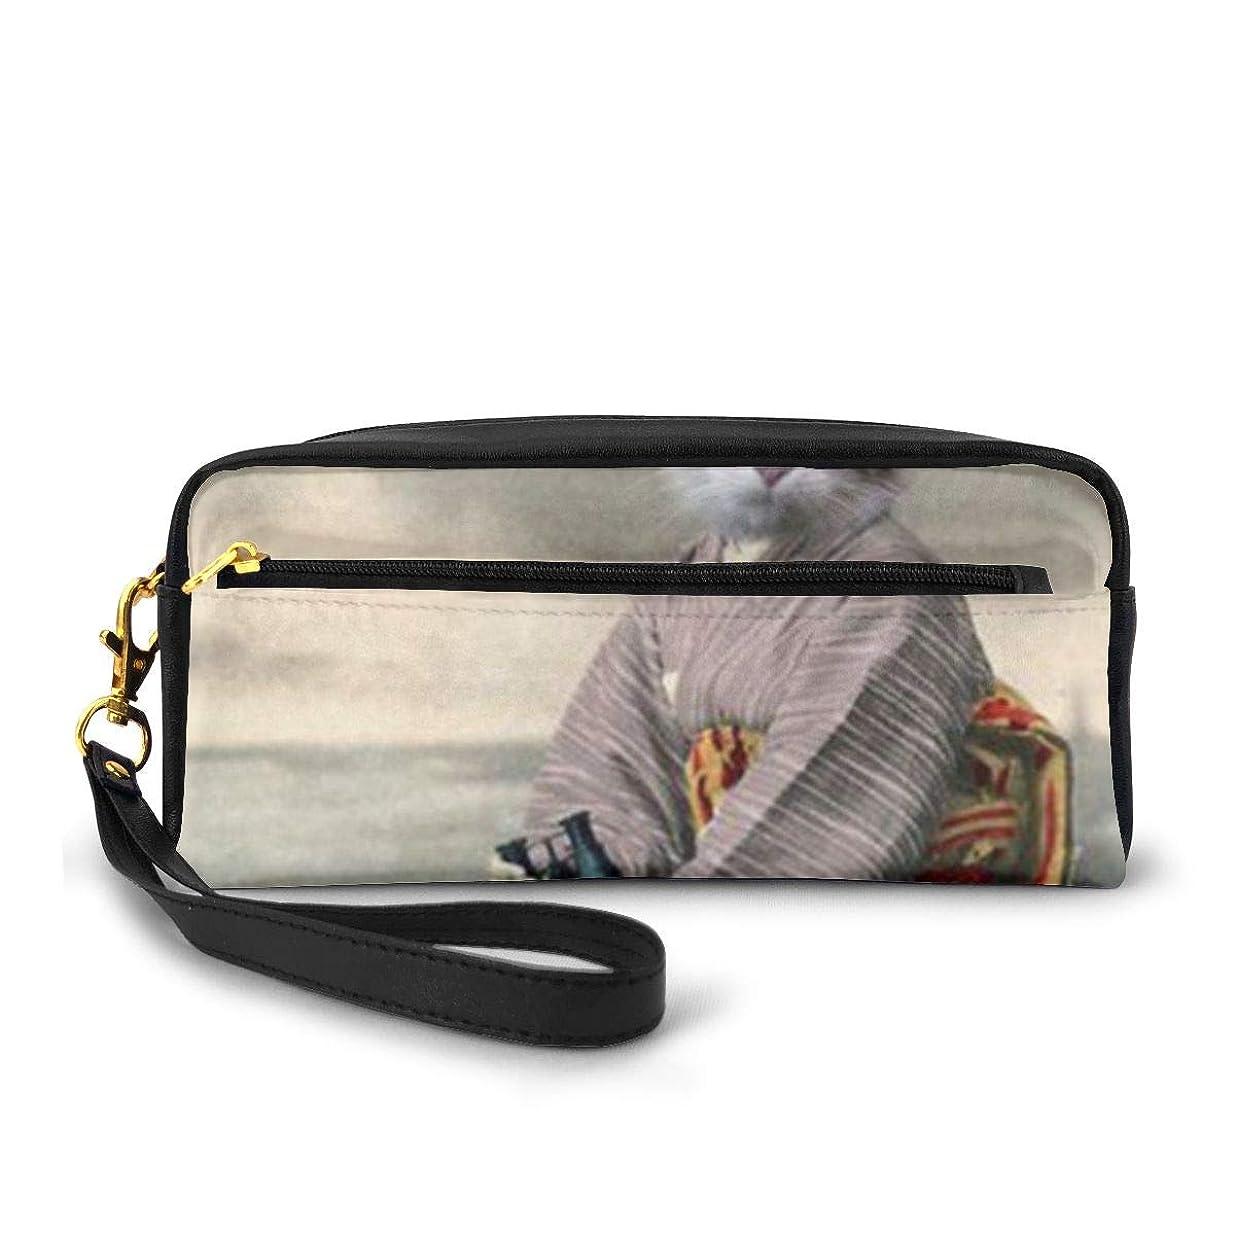 コンパイル帝国主義まろやかな日本人女性の猫 化粧品収納バッグ ウォッシュバッグ ハンドバッグ 化粧品袋 耐久性のある 筆箱 トラベルバッグ カラフルなス ポータブル スキンケア製品収納袋